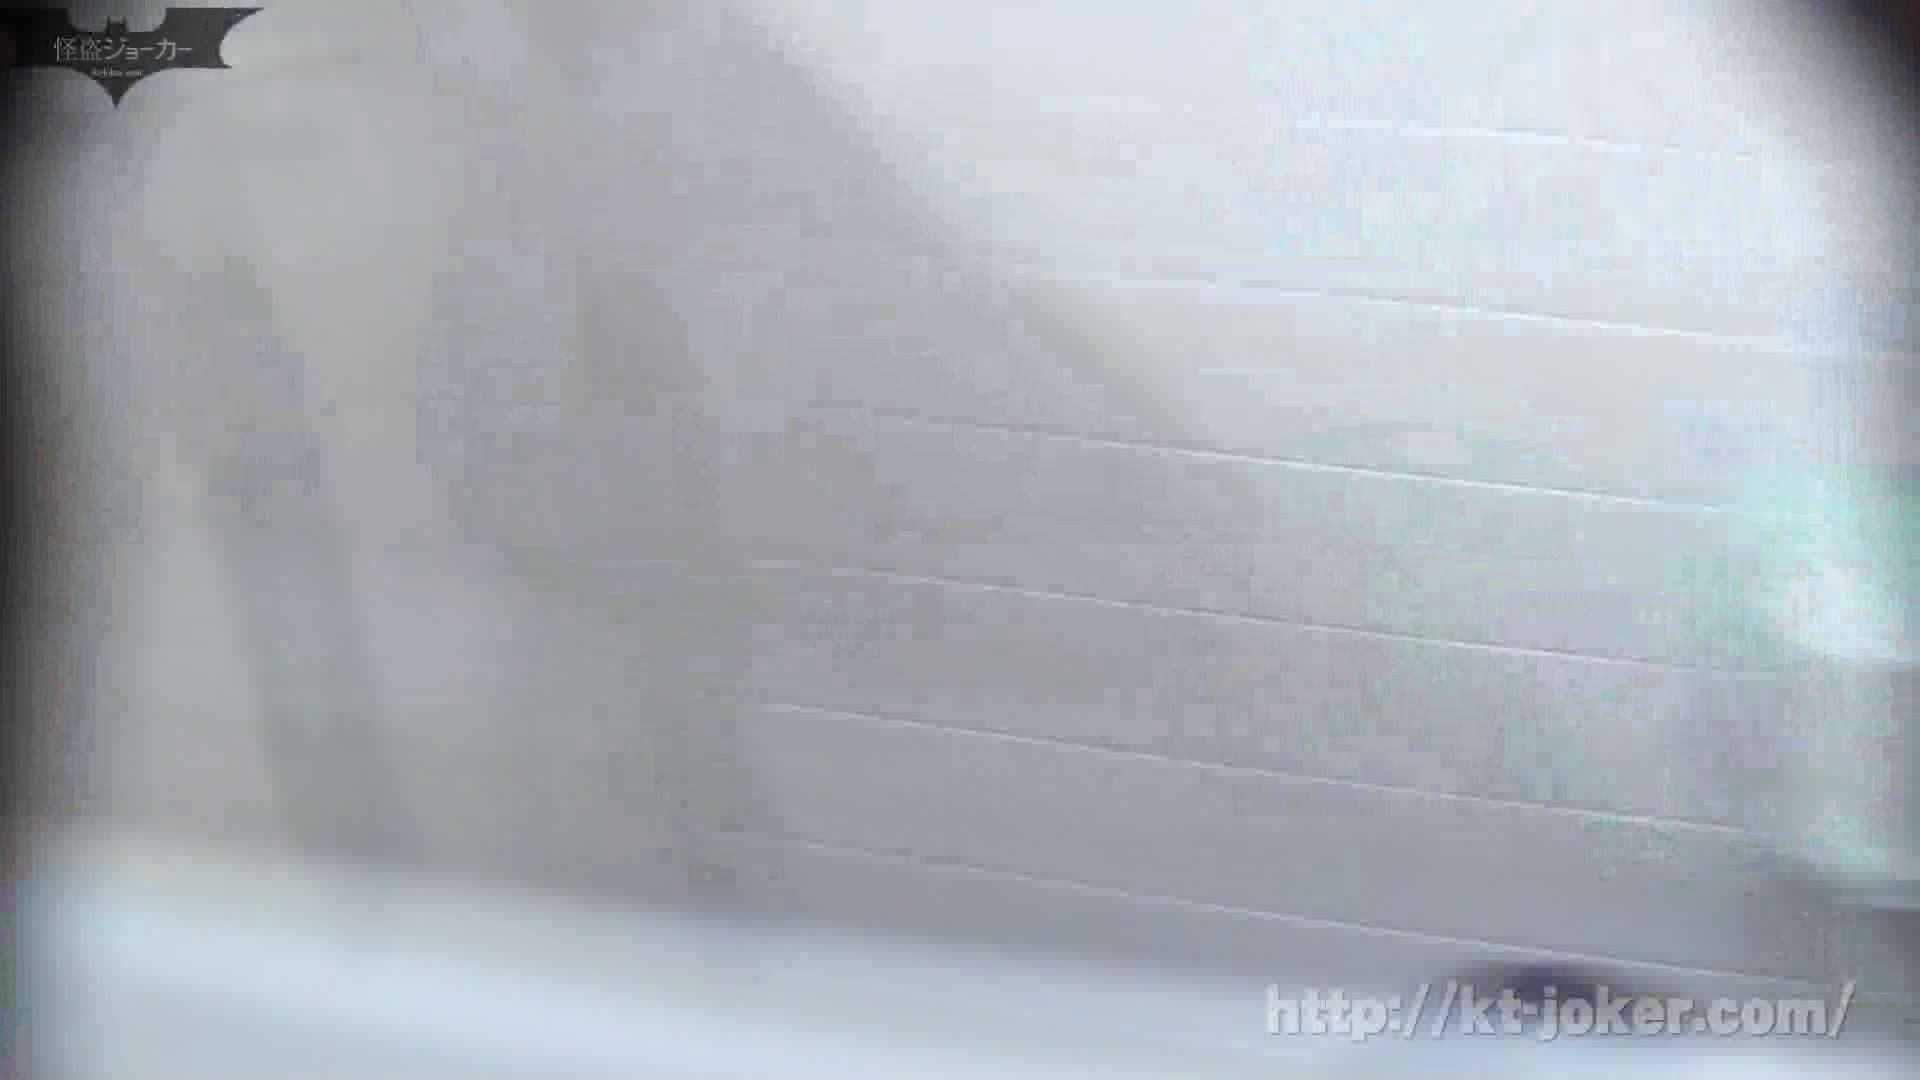 命がけ潜伏洗面所! vol.49 高値更新!EUで育った日本人 洗面所はめどり  98画像 78